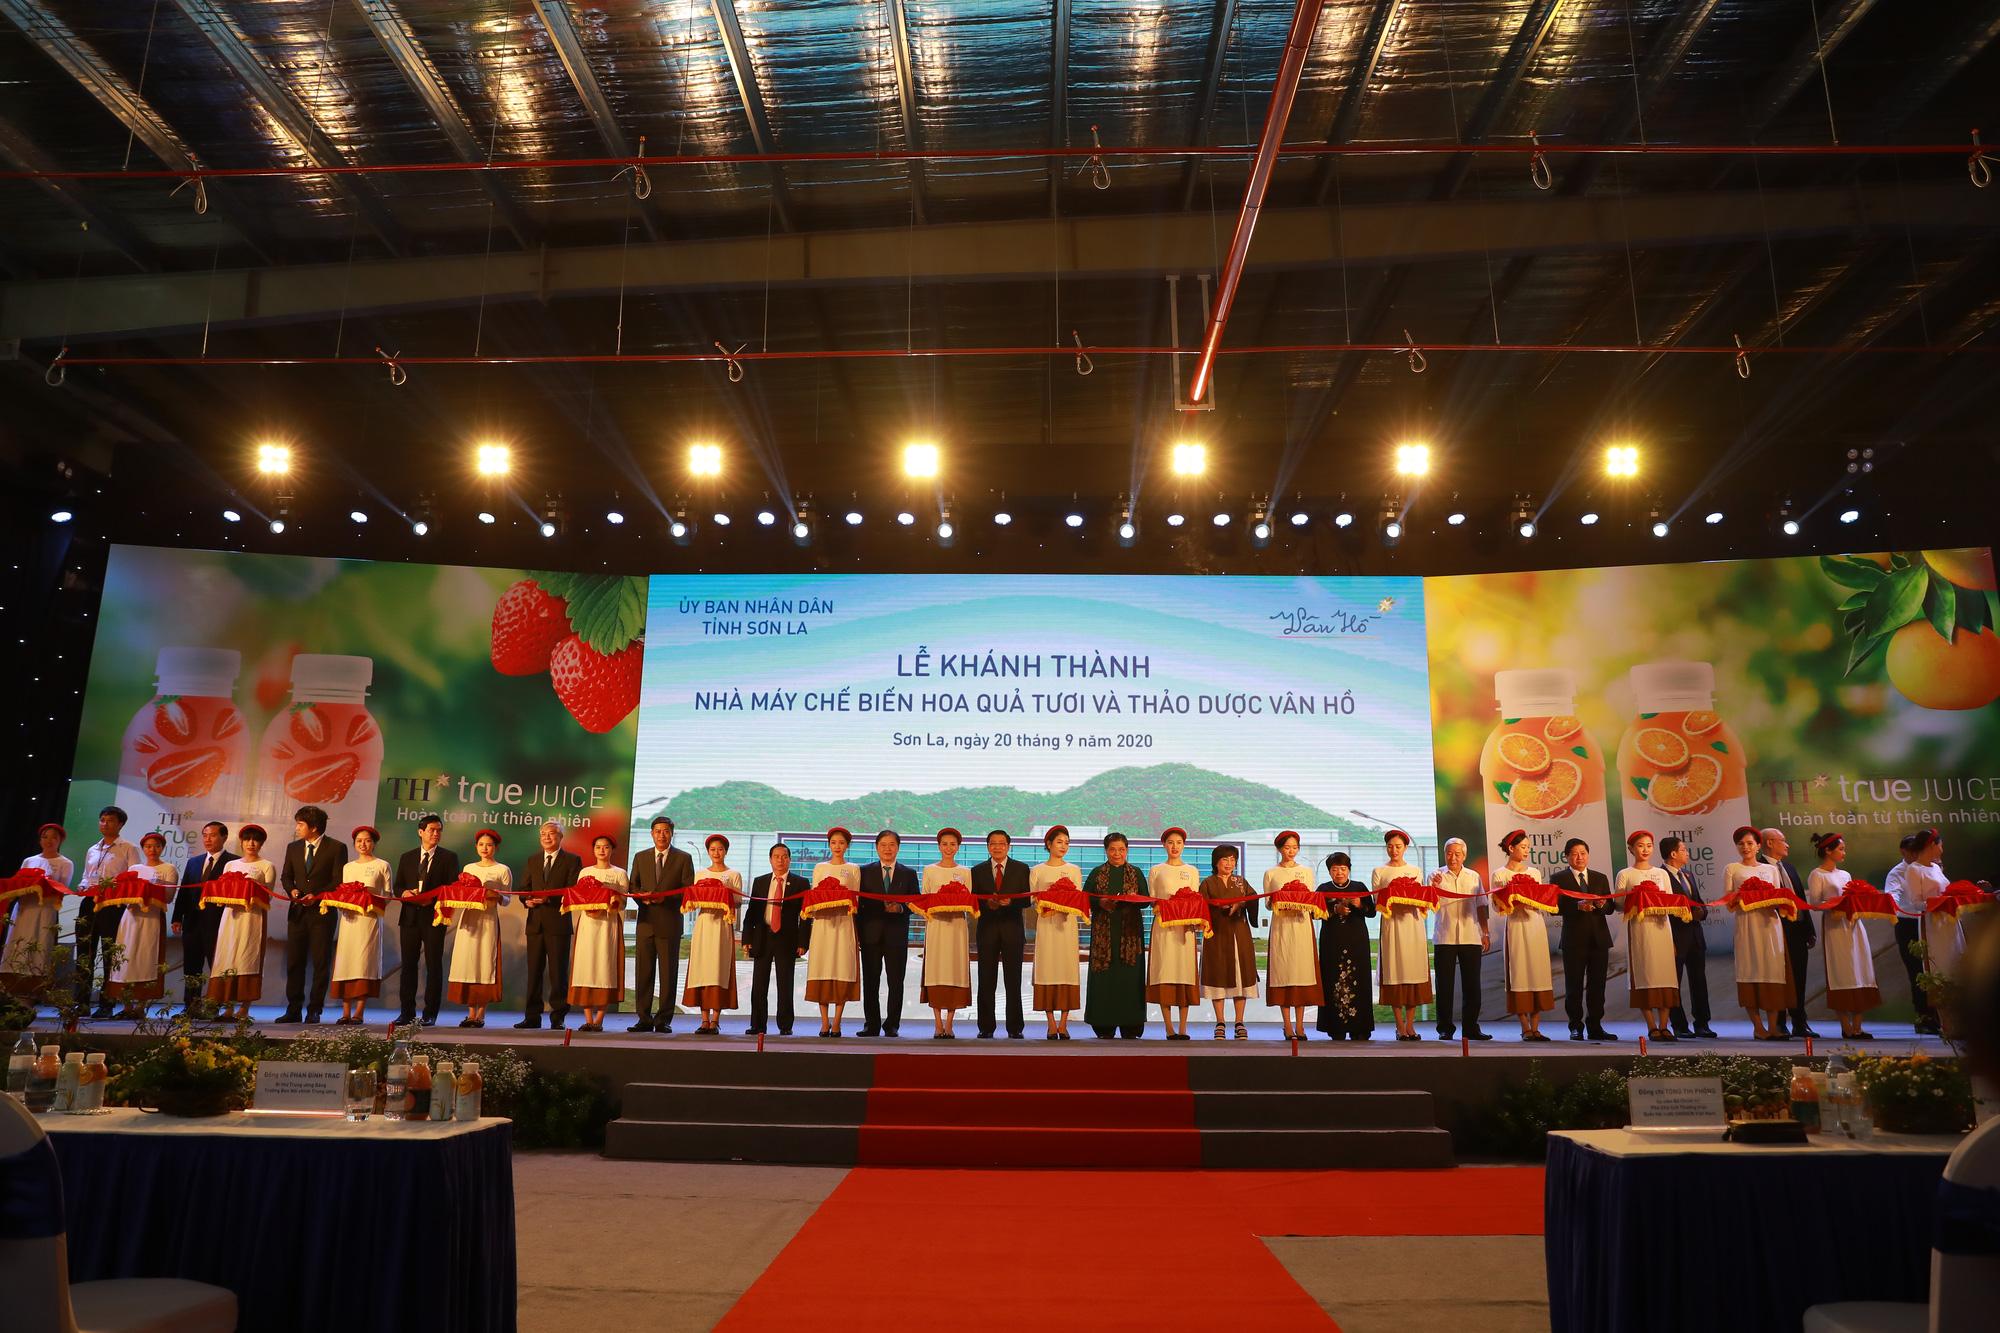 Phó Chủ tịch Thường trực Quốc hội: Có nhà máy chế biến, nông dân Sơn La không lo được mùa mất giá - Ảnh 1.